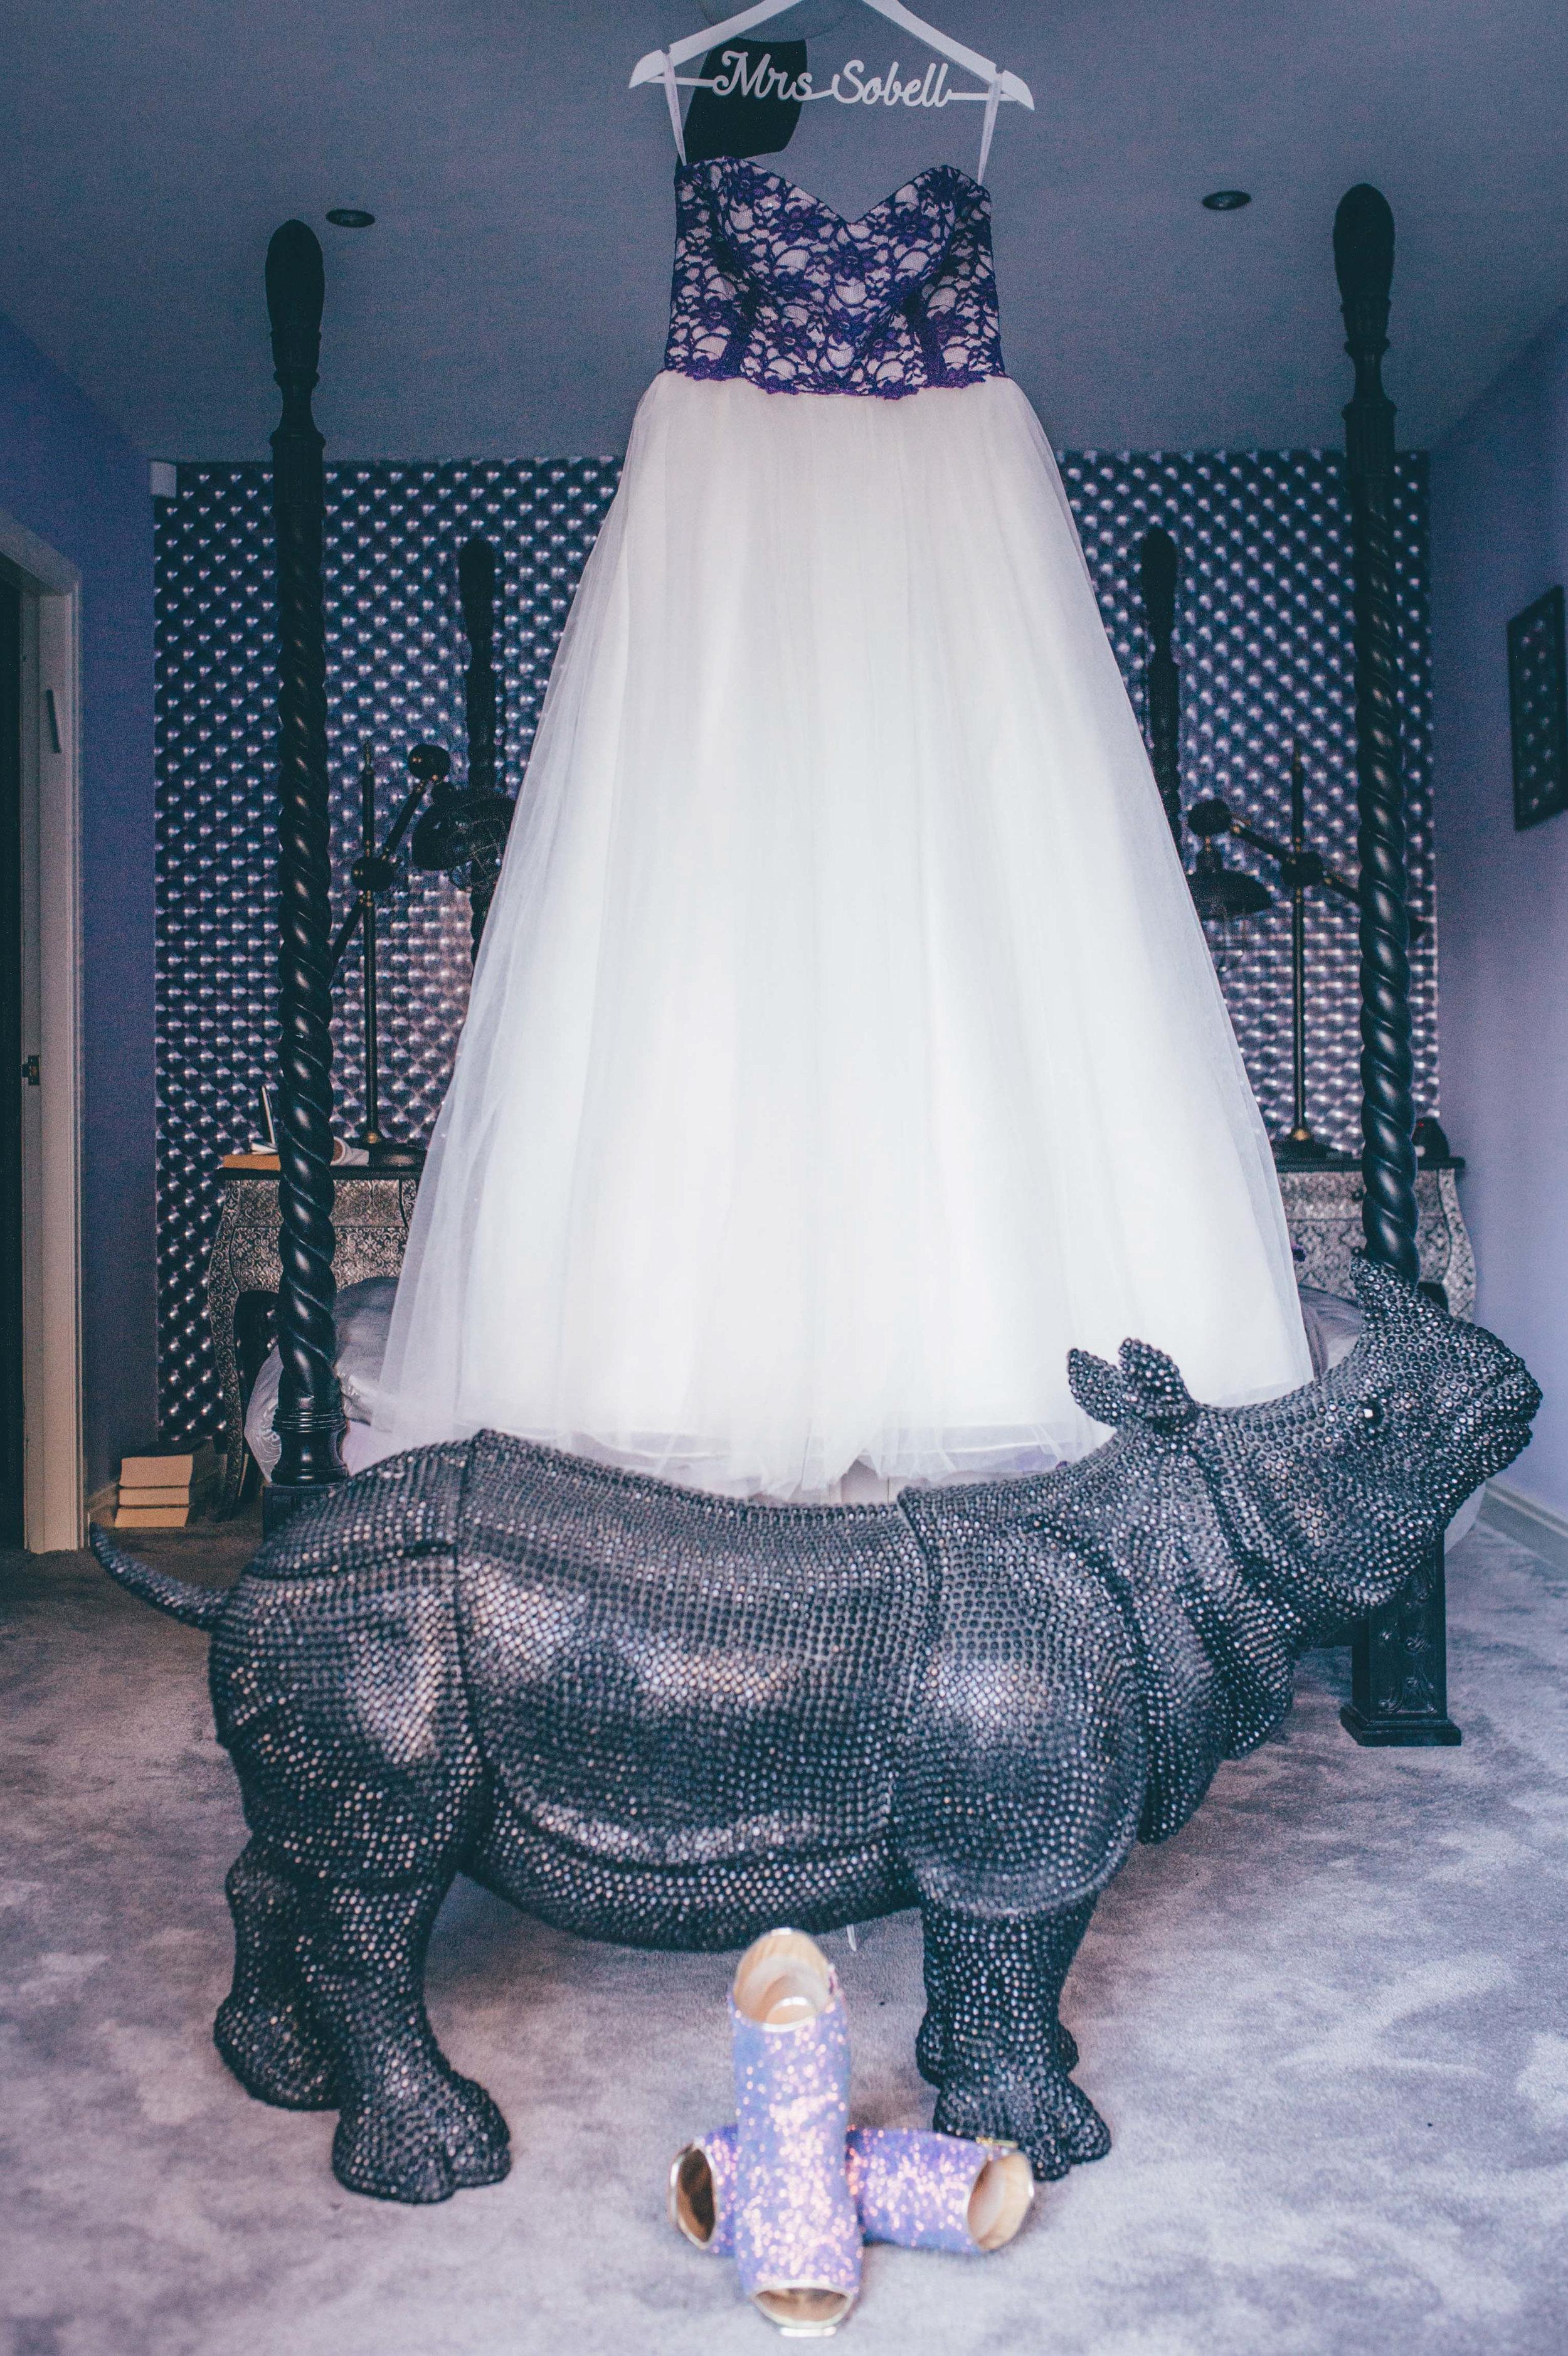 M&M - Wedding teaser by - Asaf Kliger (1 of 111).jpg